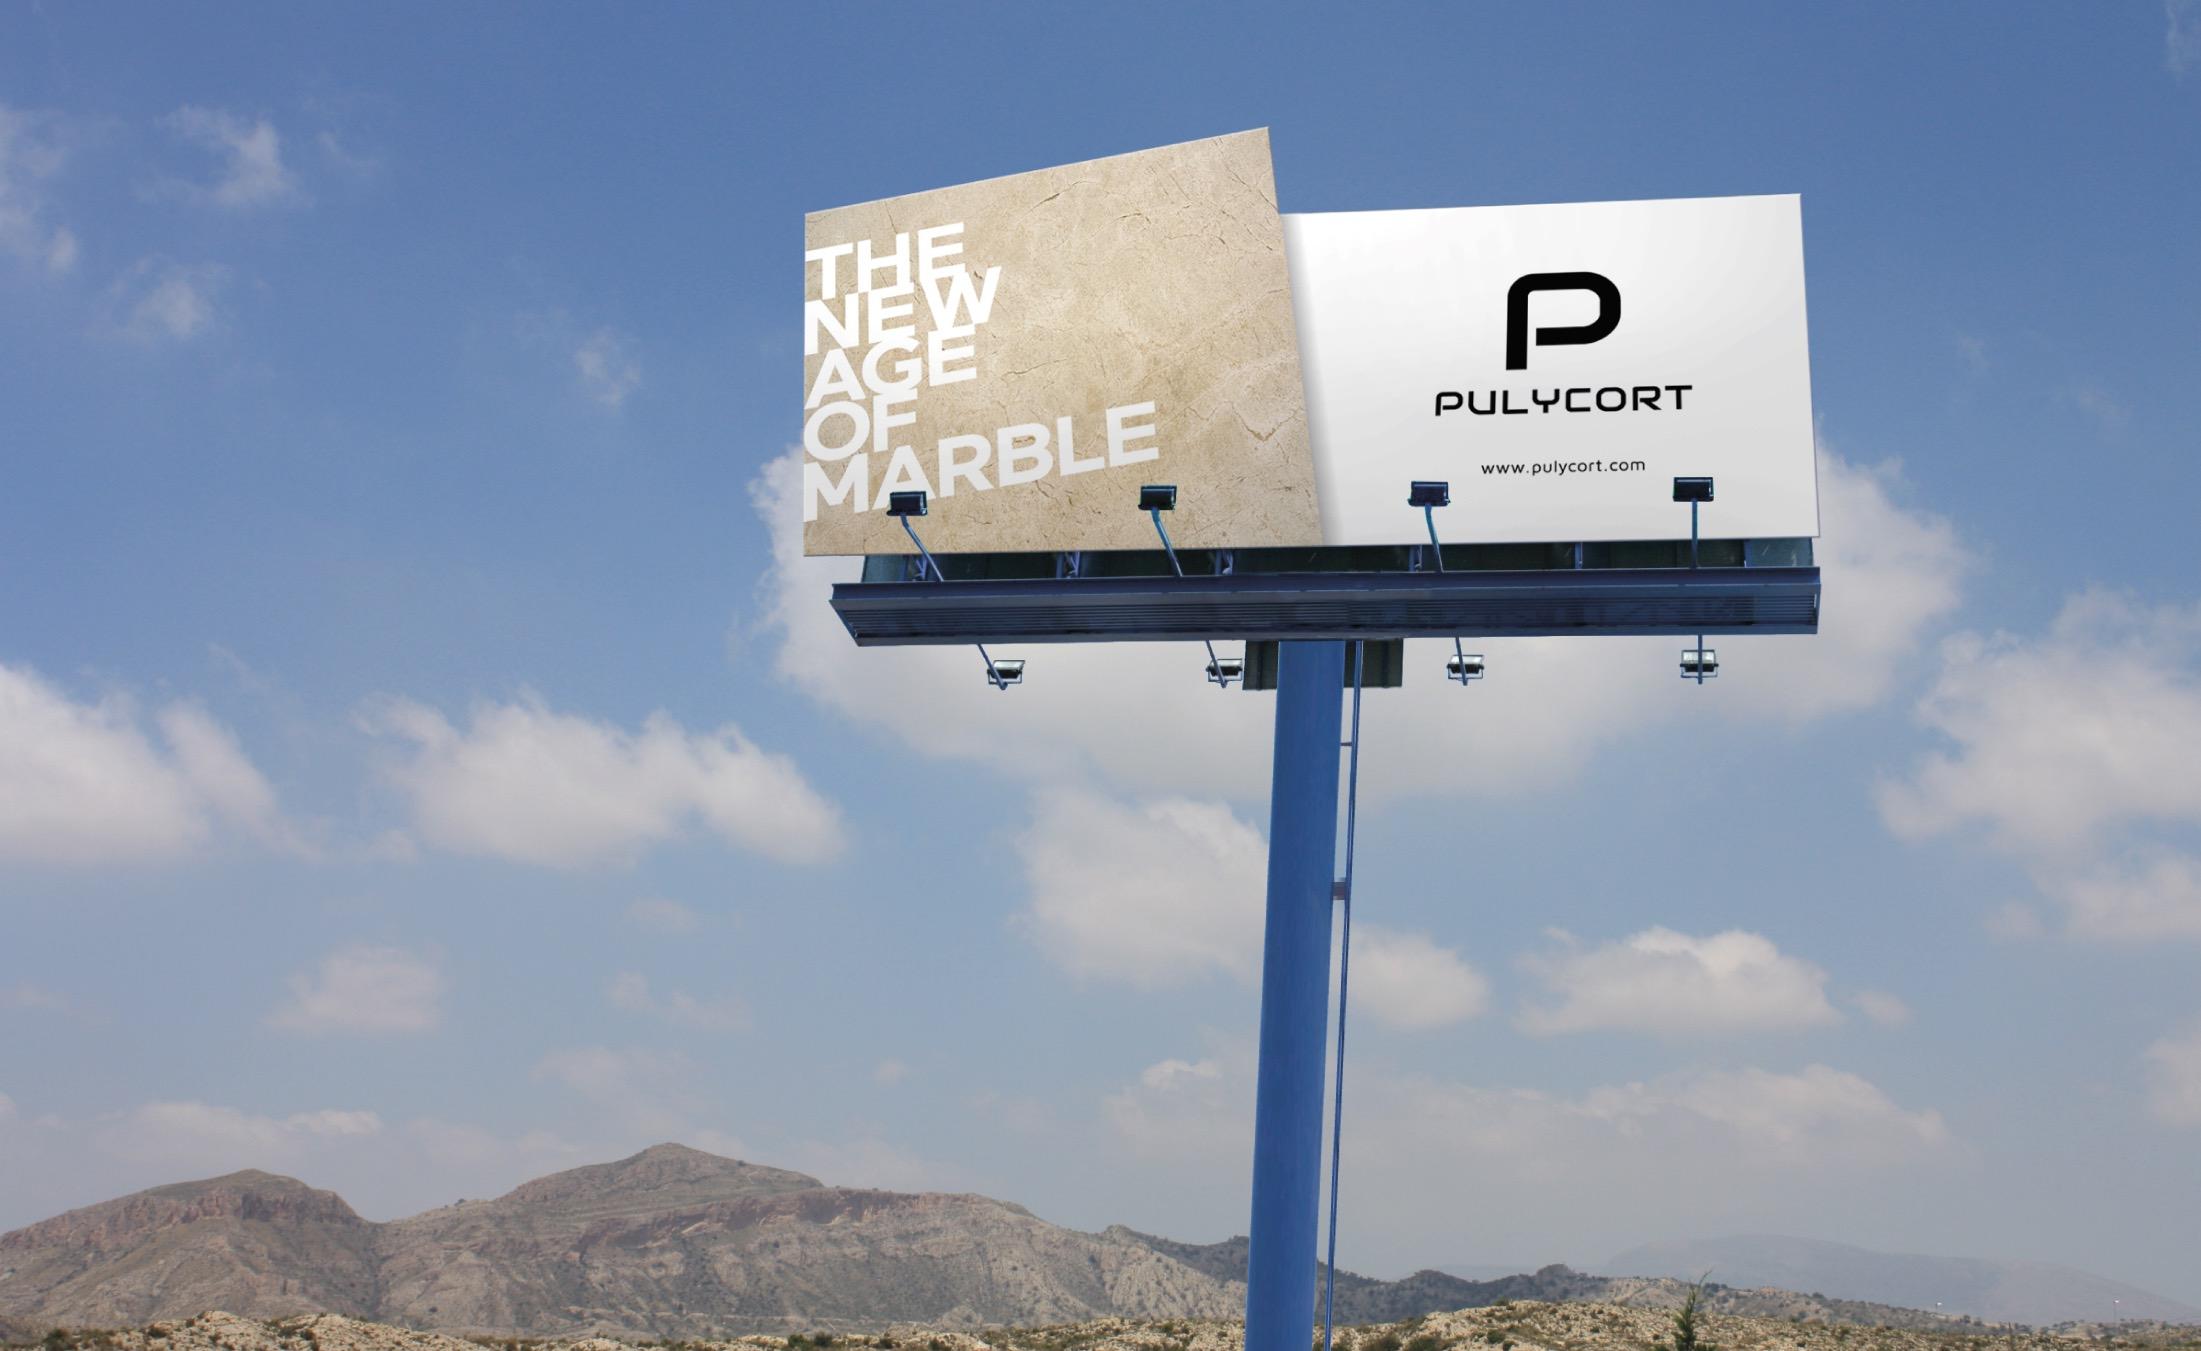 valla publicitaria de pulycort